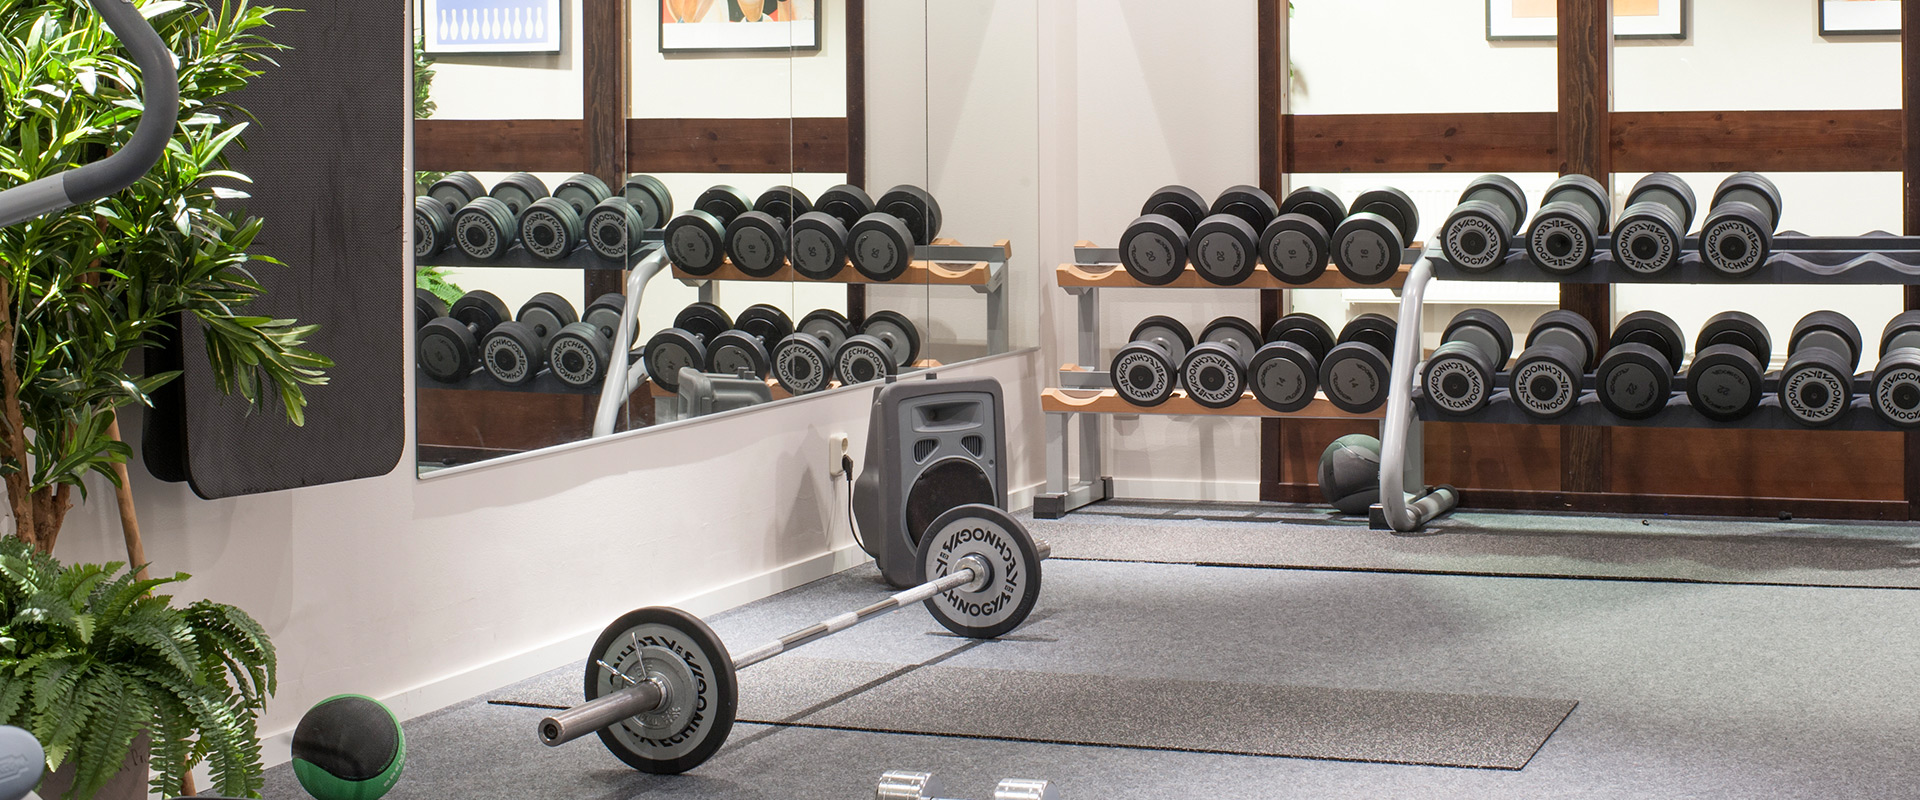 Bildresultat för gym